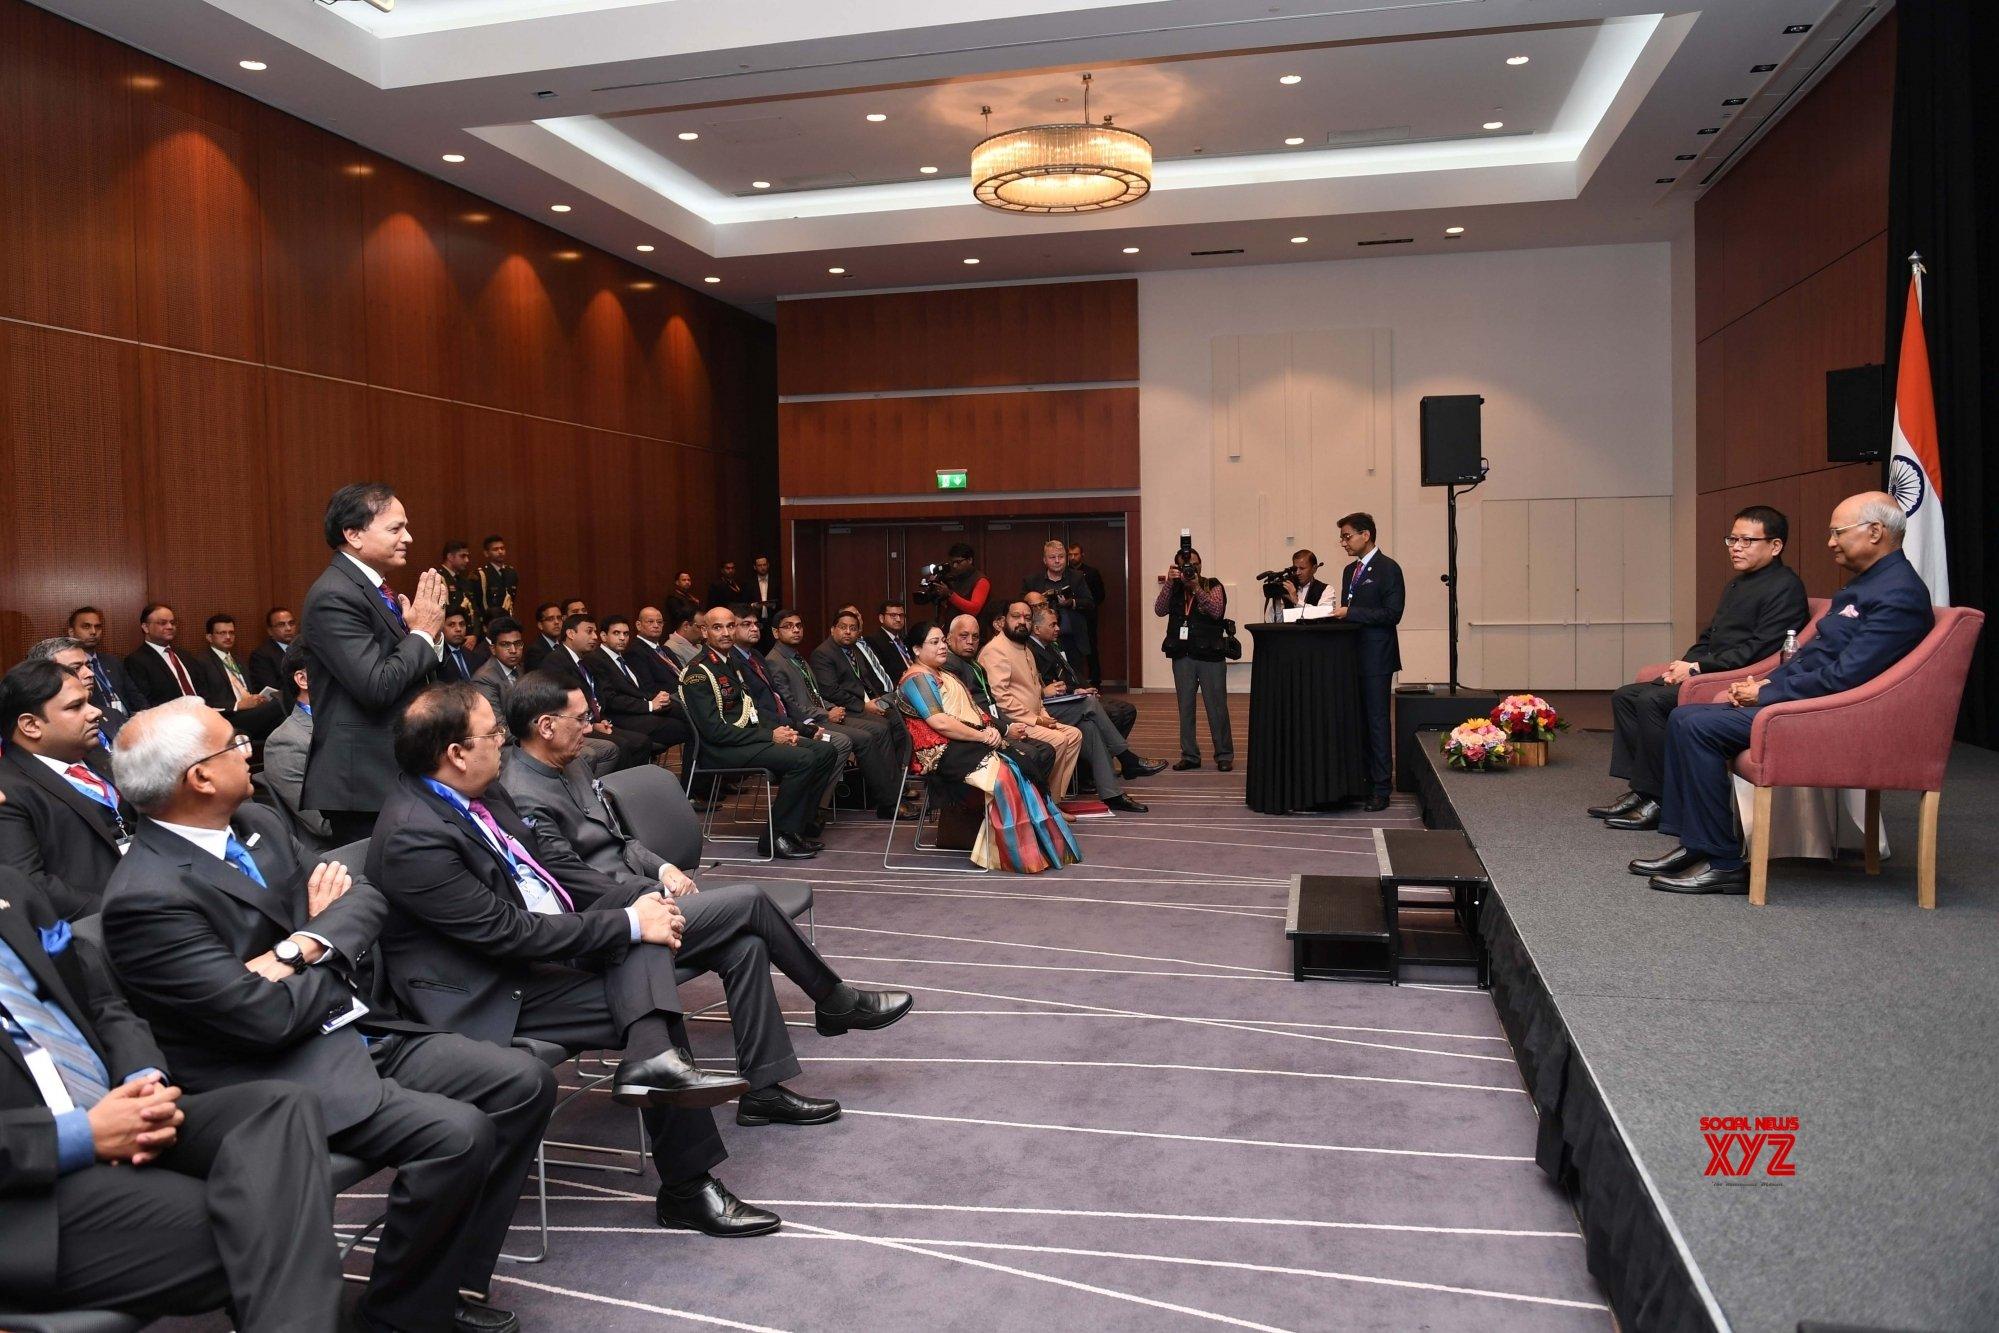 Reykjavik: President Kovind meets Indian Business delegation in Iceland #Gallery